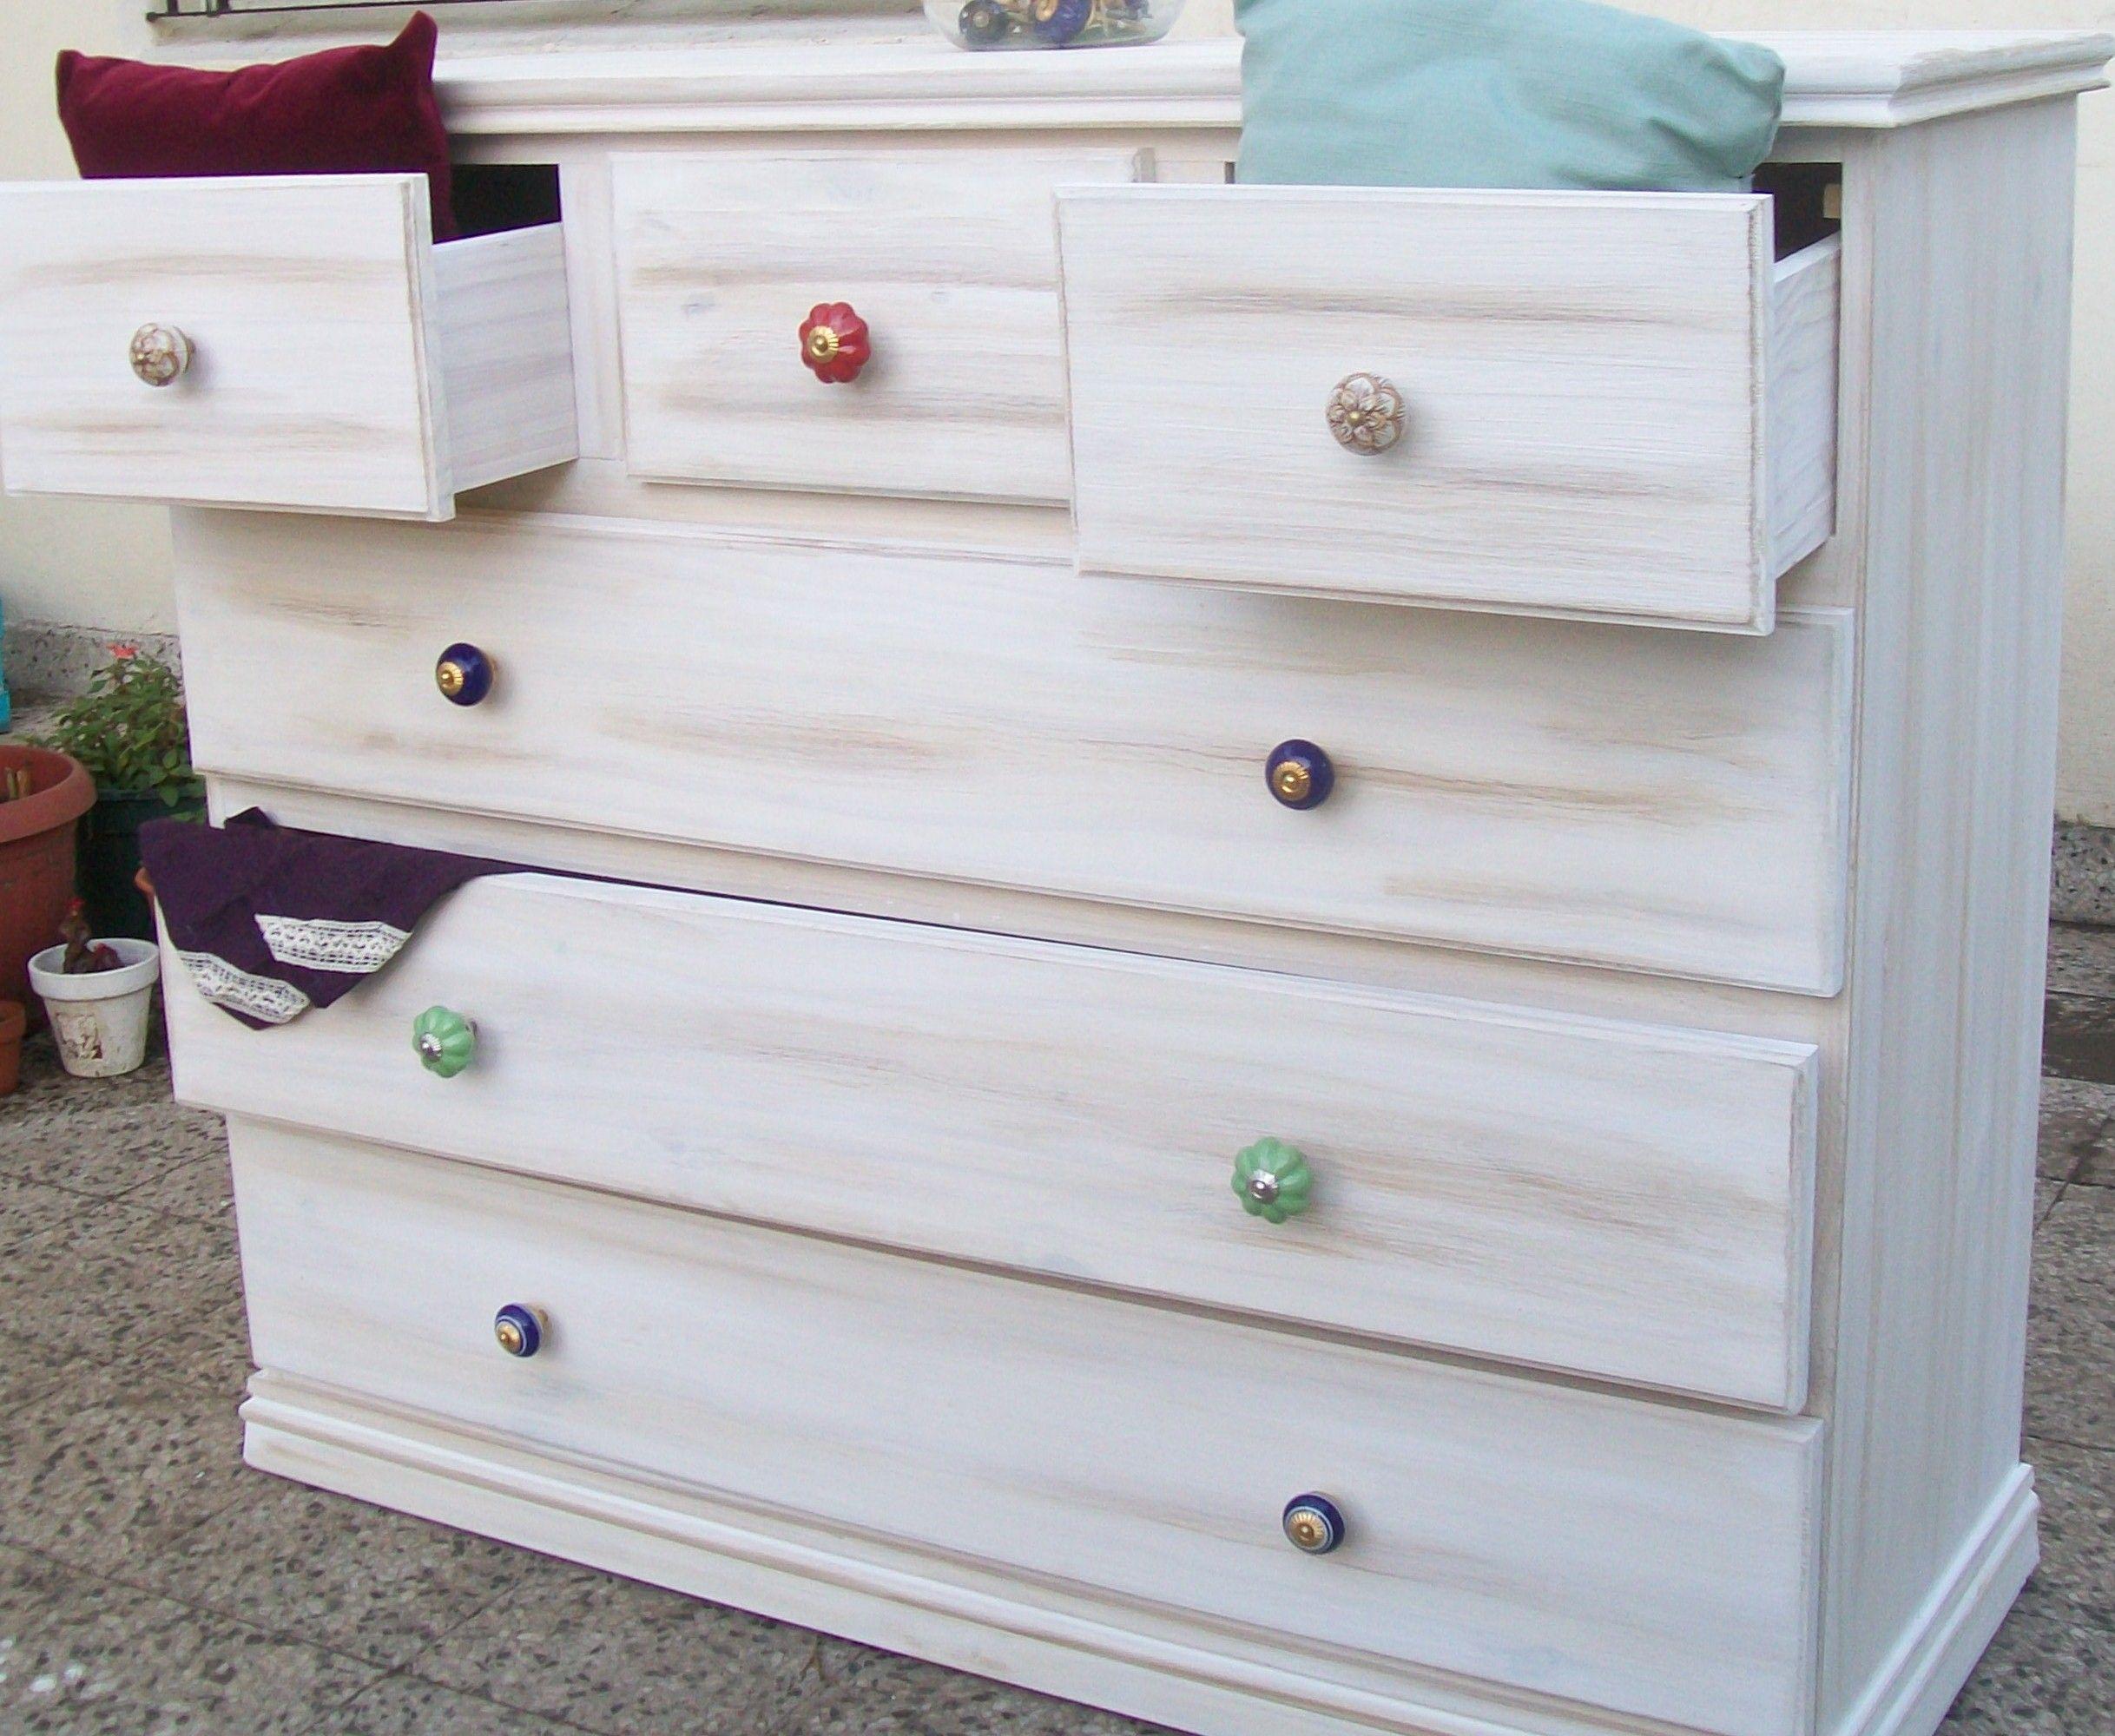 Comoda economica estilo vintage con mix de herrajes de ceramica terminacion patinado podes - Herrajes muebles antiguos ...